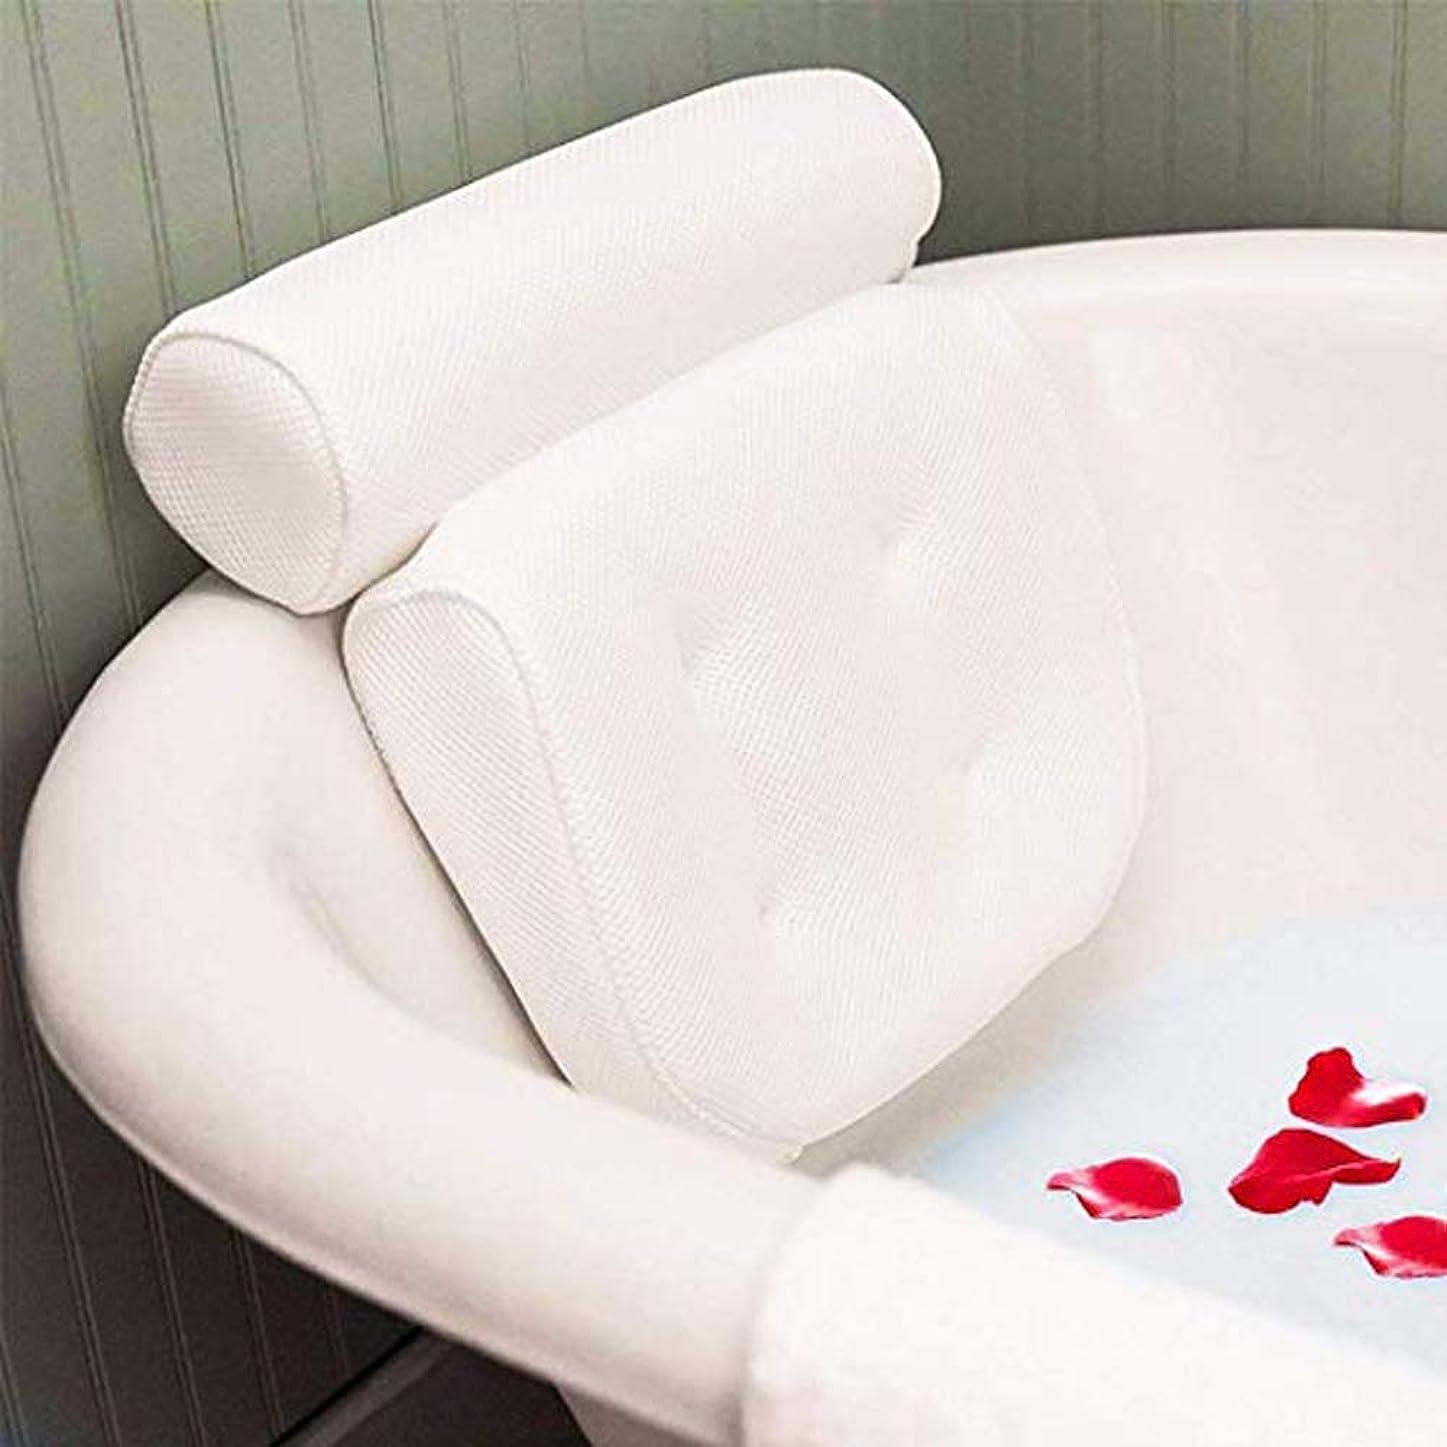 カプラーフェロー諸島命令的頭、首、肩と背中のサポートが付いている浴槽スパ枕、滑り止め4大型サクションカップはどんな浴槽にもフィットし、抗菌性です。,White